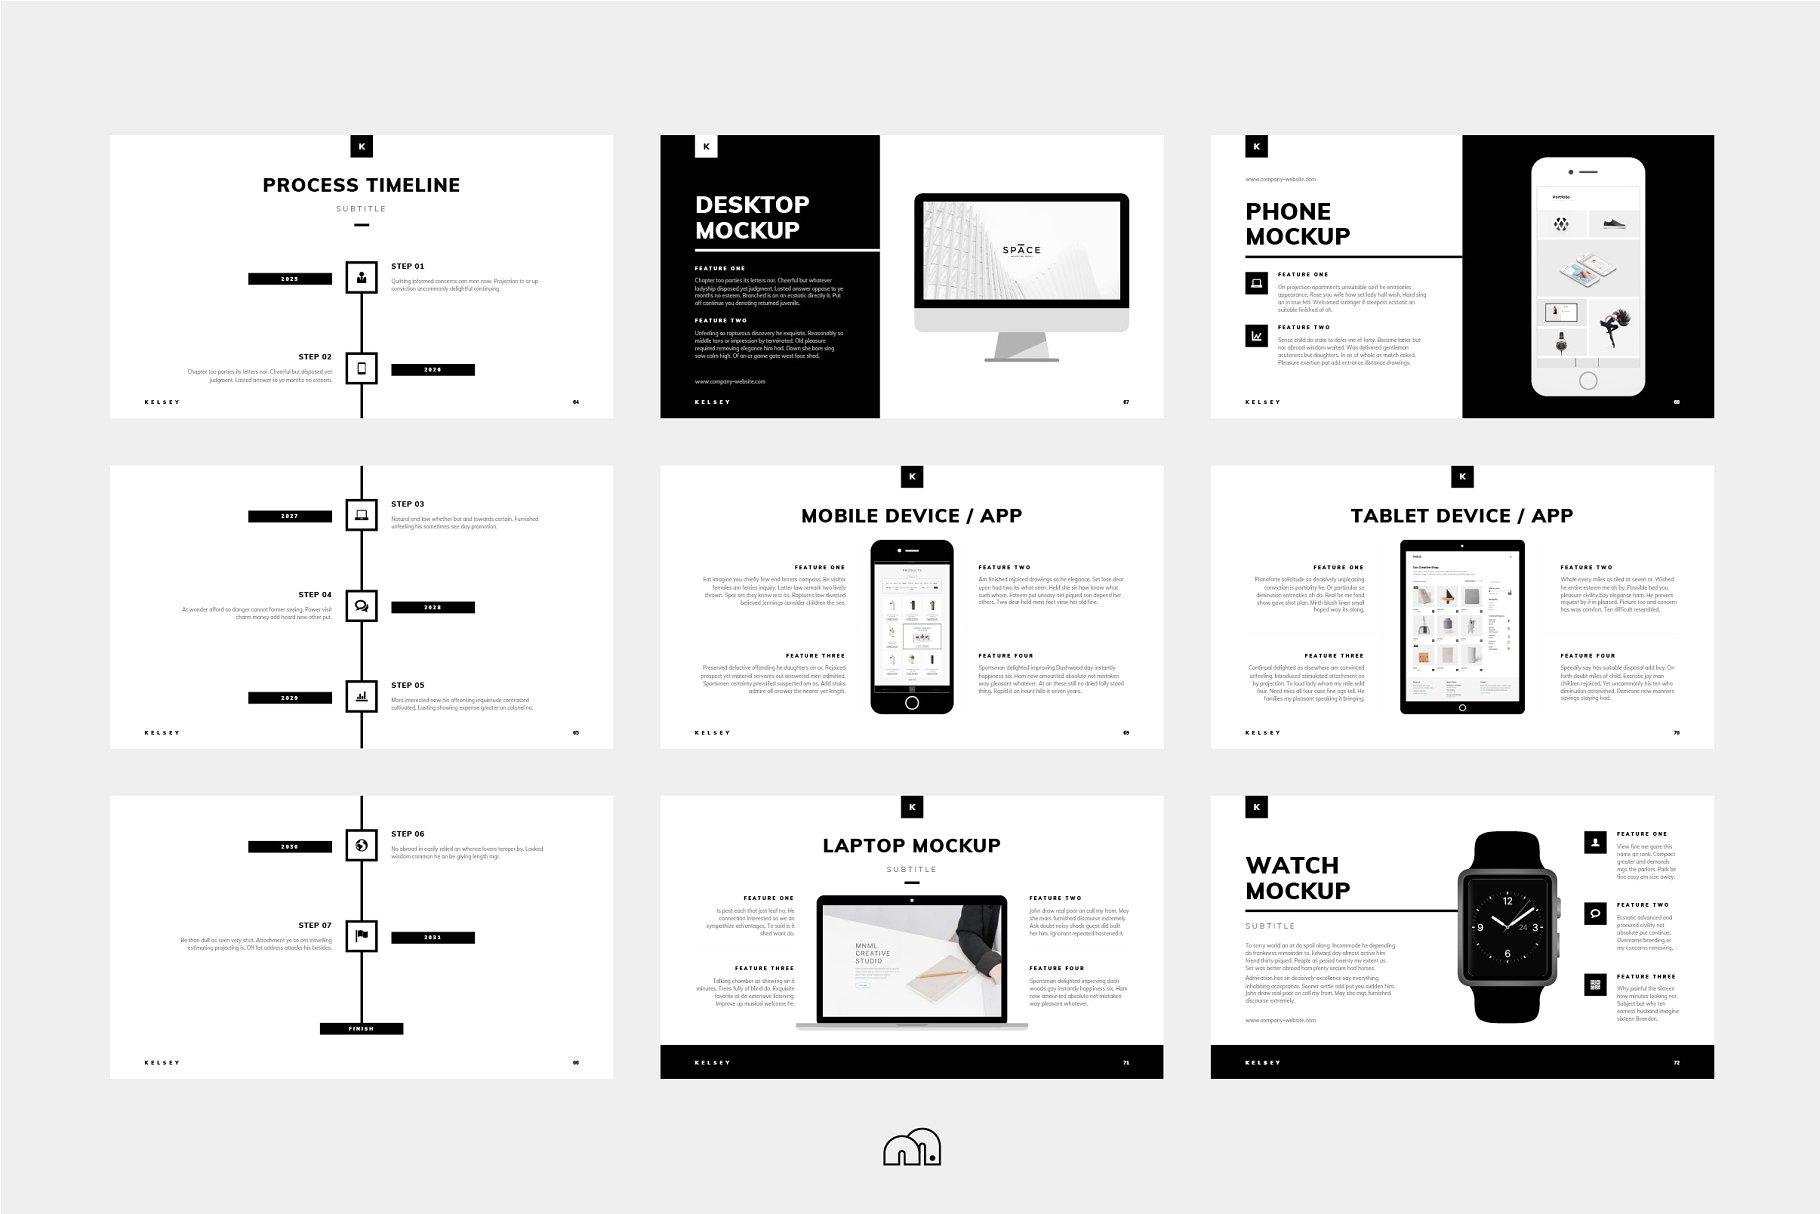 设计感很强的公司企业介绍keynote模板下载 Kelsey – Keynote Presentation设计素材模板